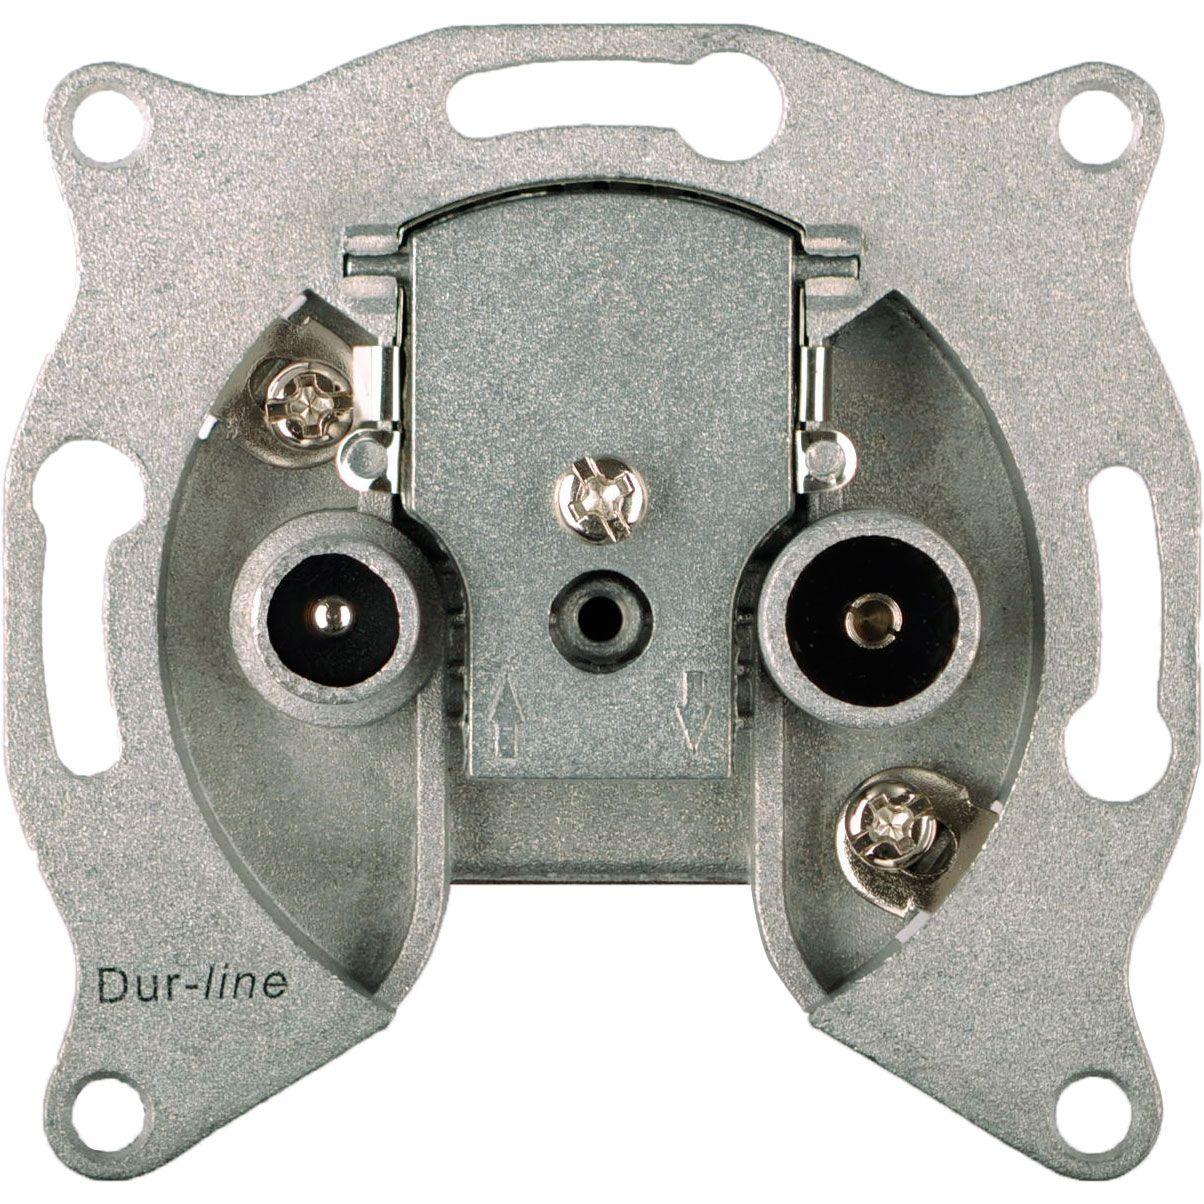 DUR-line DBK 08dB - BK-Durchgangsdose 8 dB Durchgangsdose